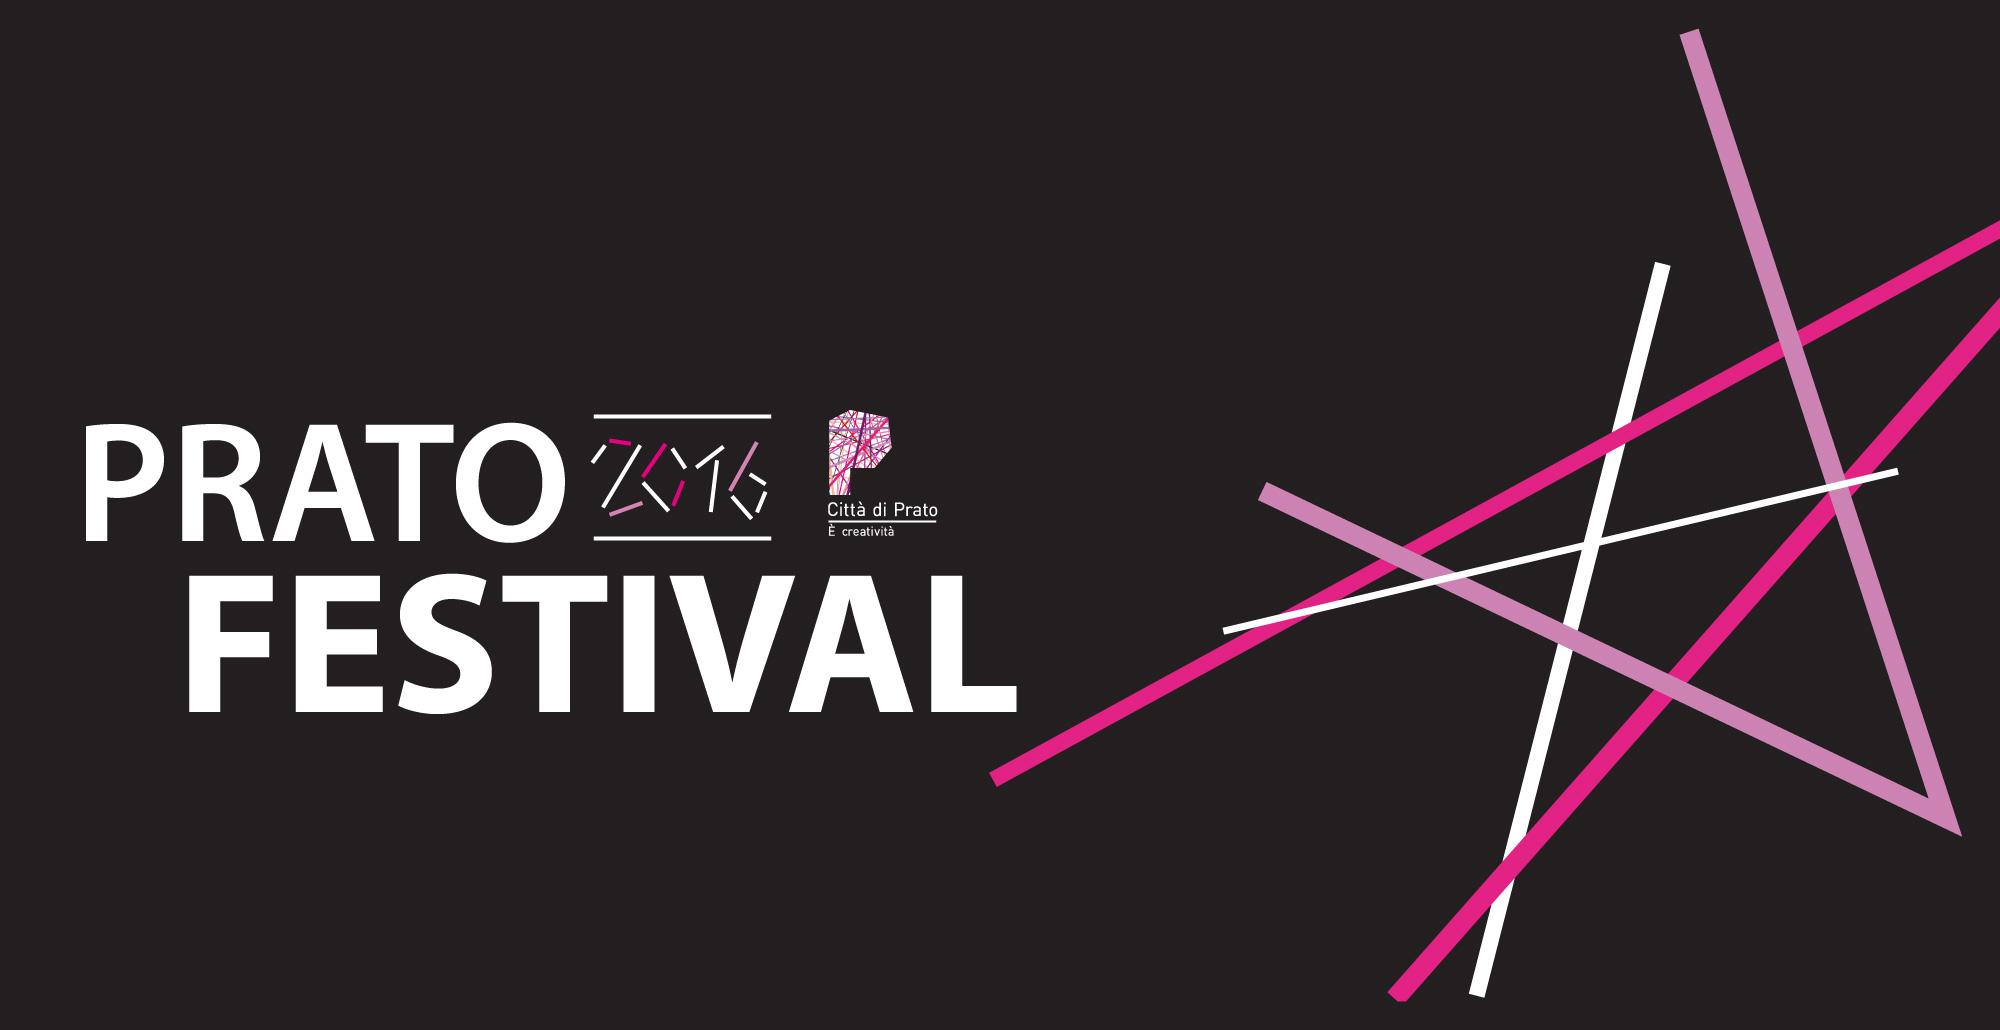 Immagine con logo tratta dal flyer di Prato Festival 2016